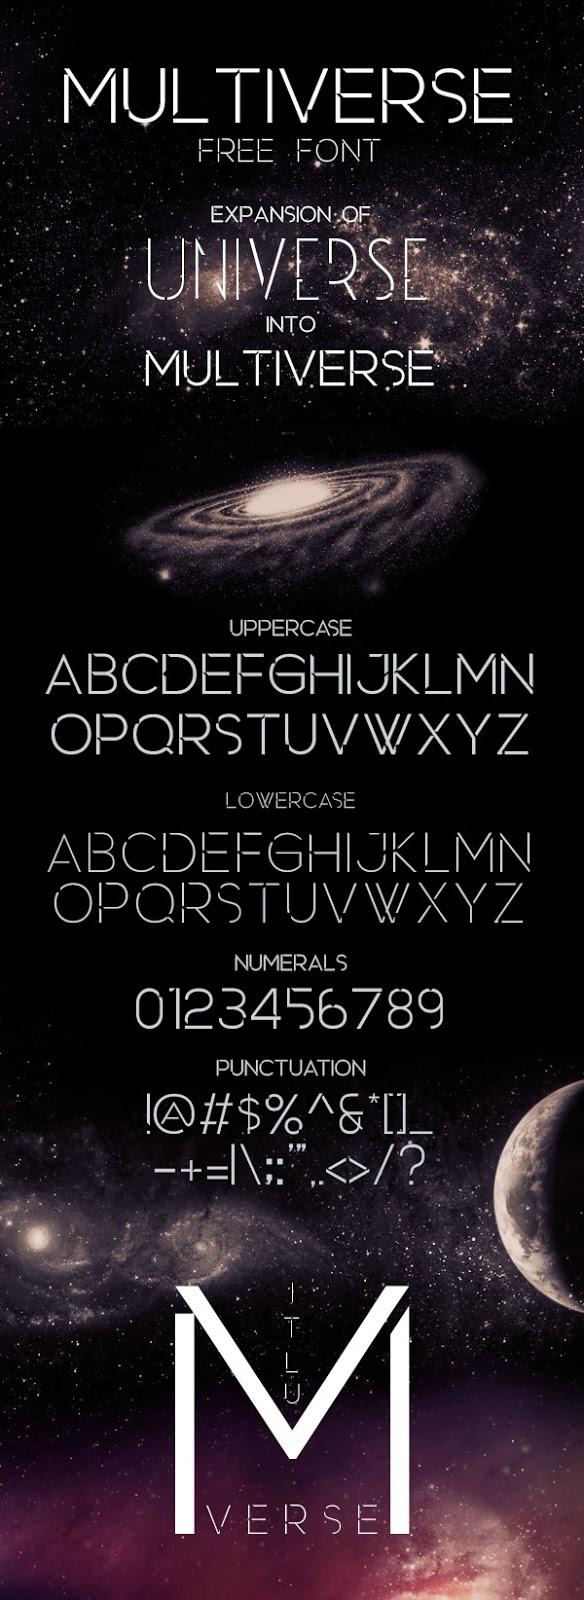 Günün Ücretsiz Fontu: Multiverse